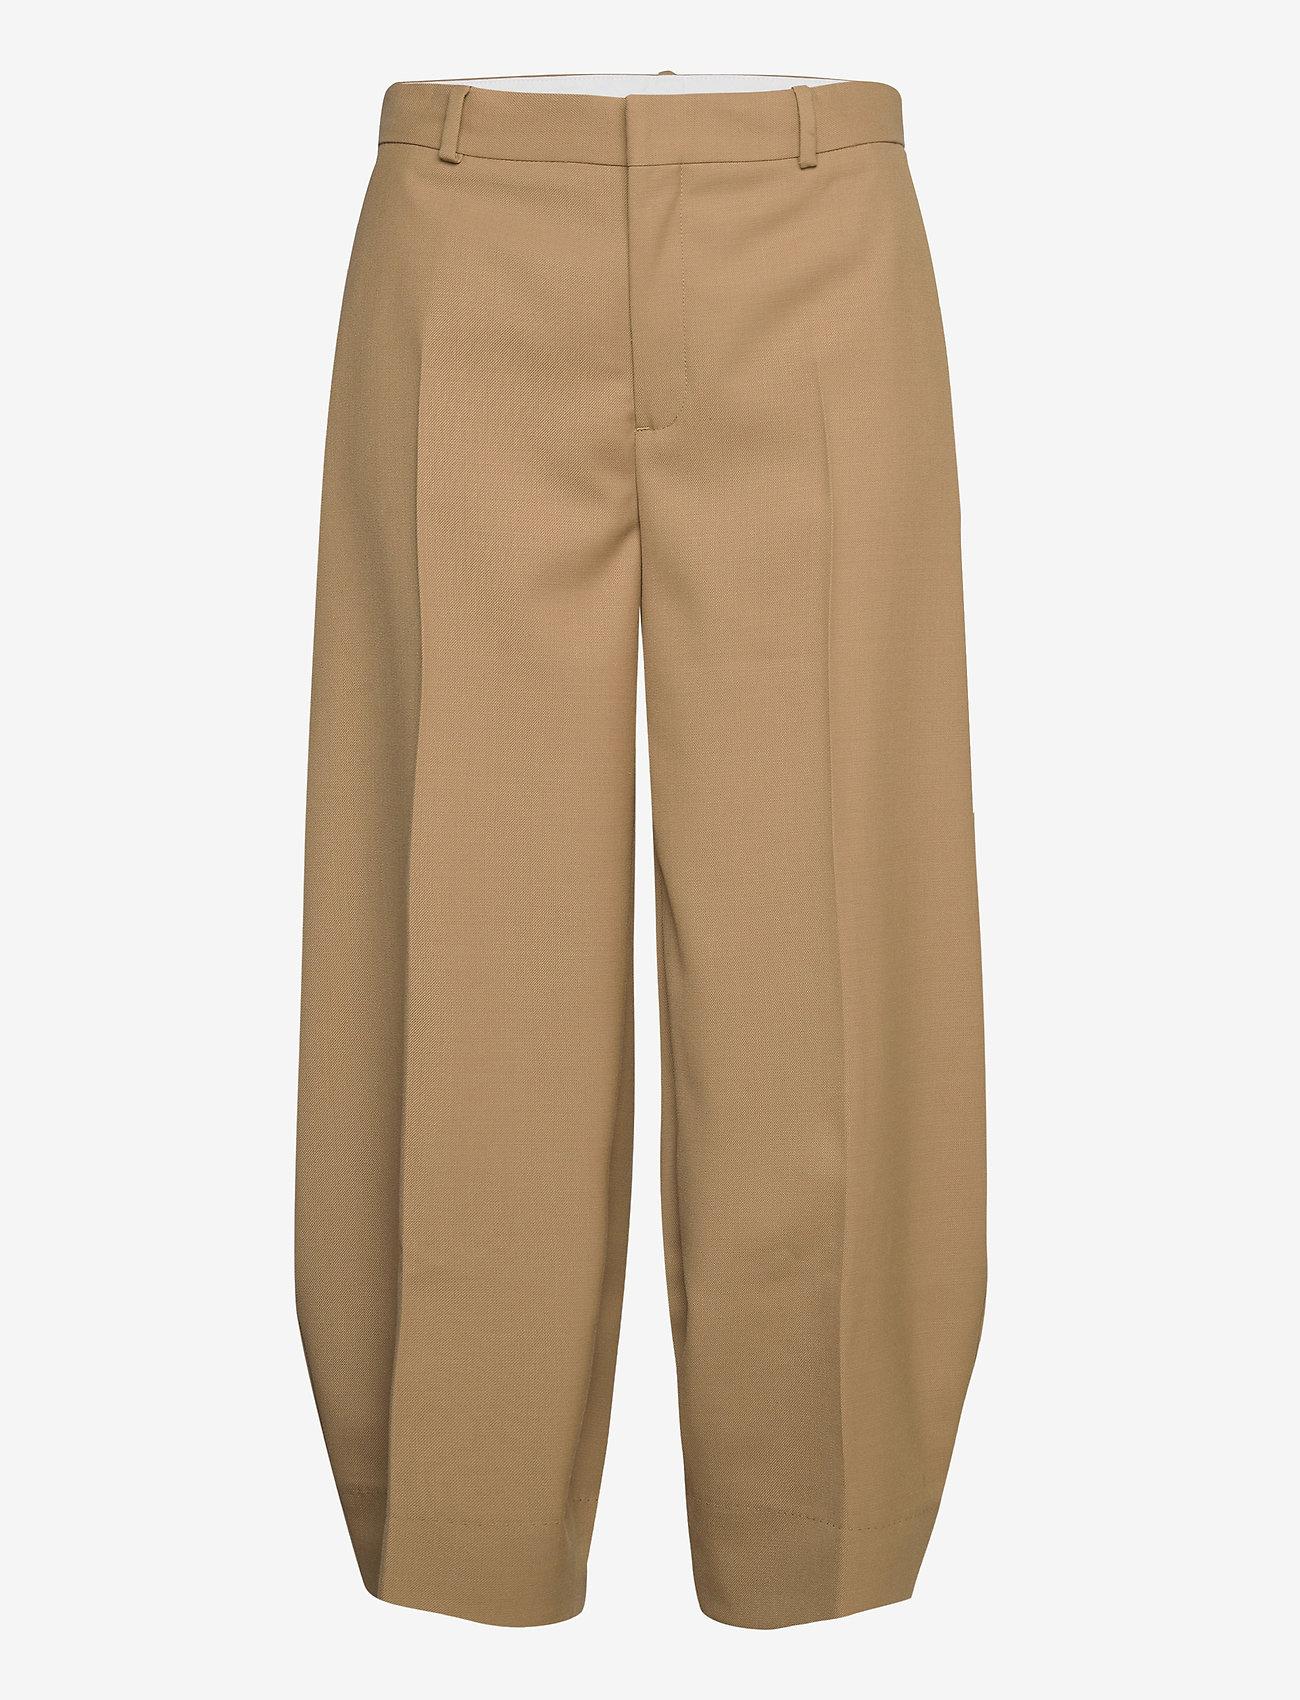 RODEBJER - RODEBJER AIA - bukser med brede ben - camel - 0